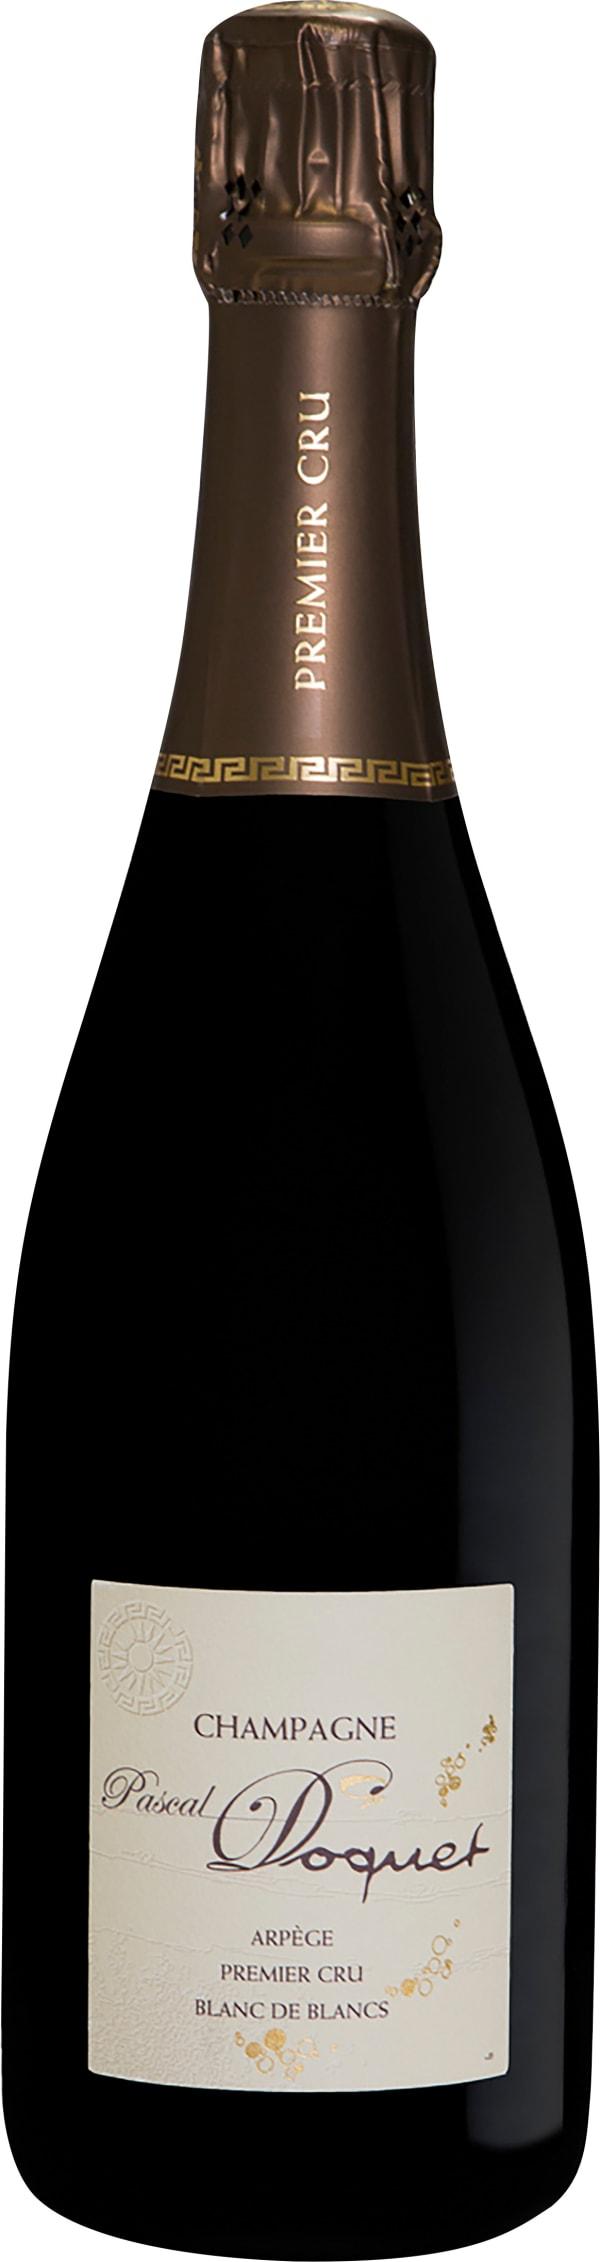 Pascal Doquet Arpège Premier Cru Blanc de Blancs Champagne Extra-Brut